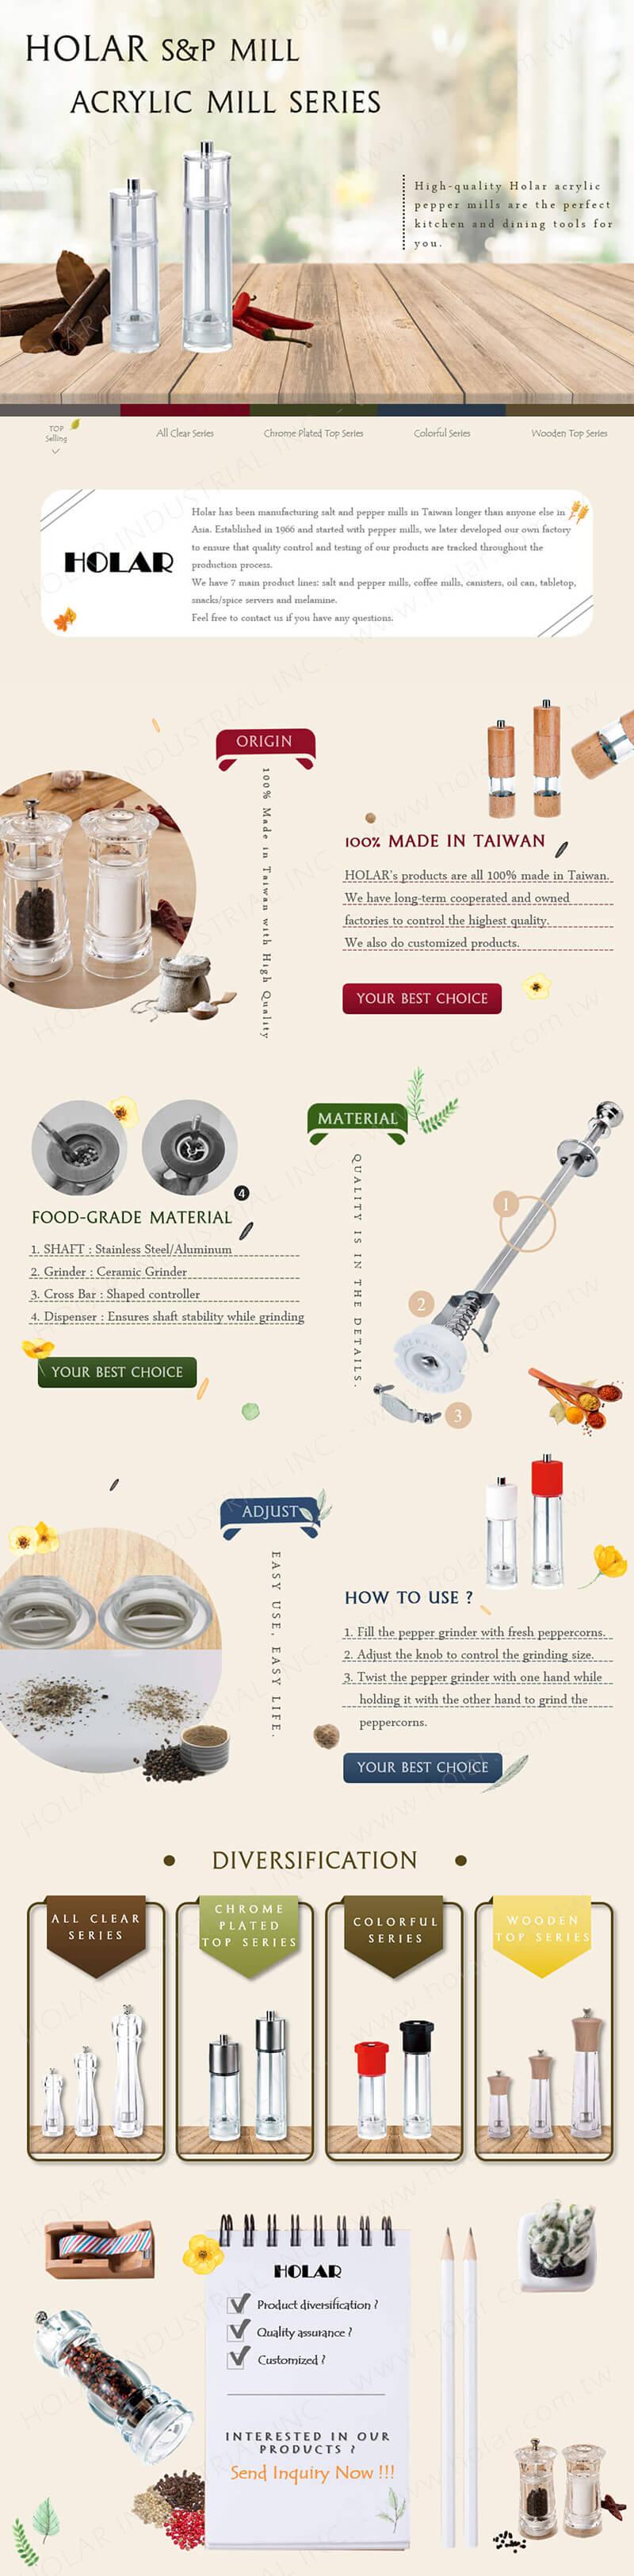 Holar - Acrylic Salt & Pepper Mill Introduction